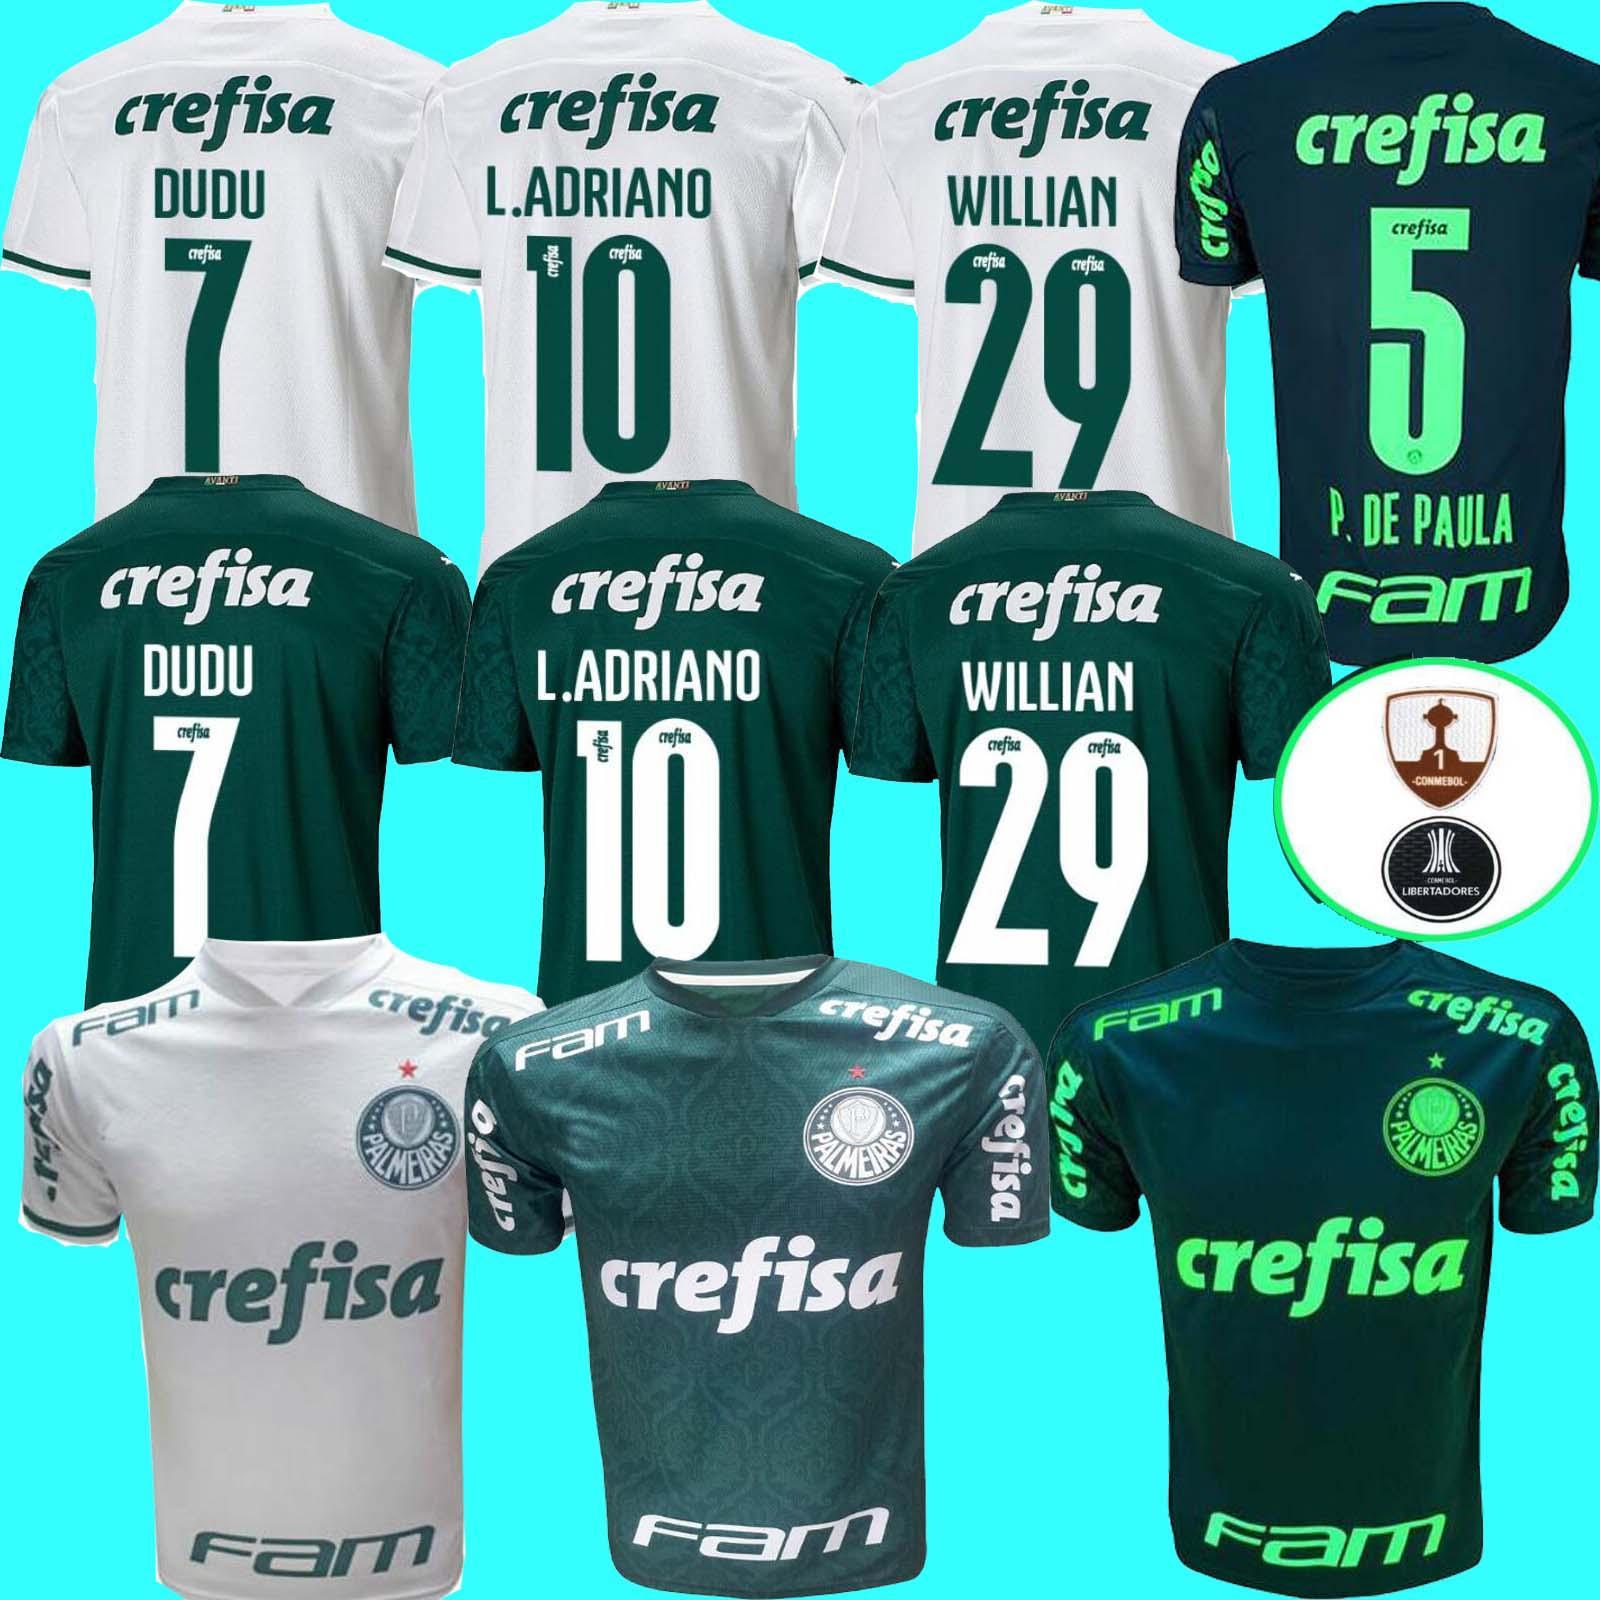 20 21 Palmeiras L. Adriano Soccer Jerseys Dudu g.jesus alecsandro 2020 21palmeiras ويليان كلييتون الرجال + أطفال كرة القدم قميص